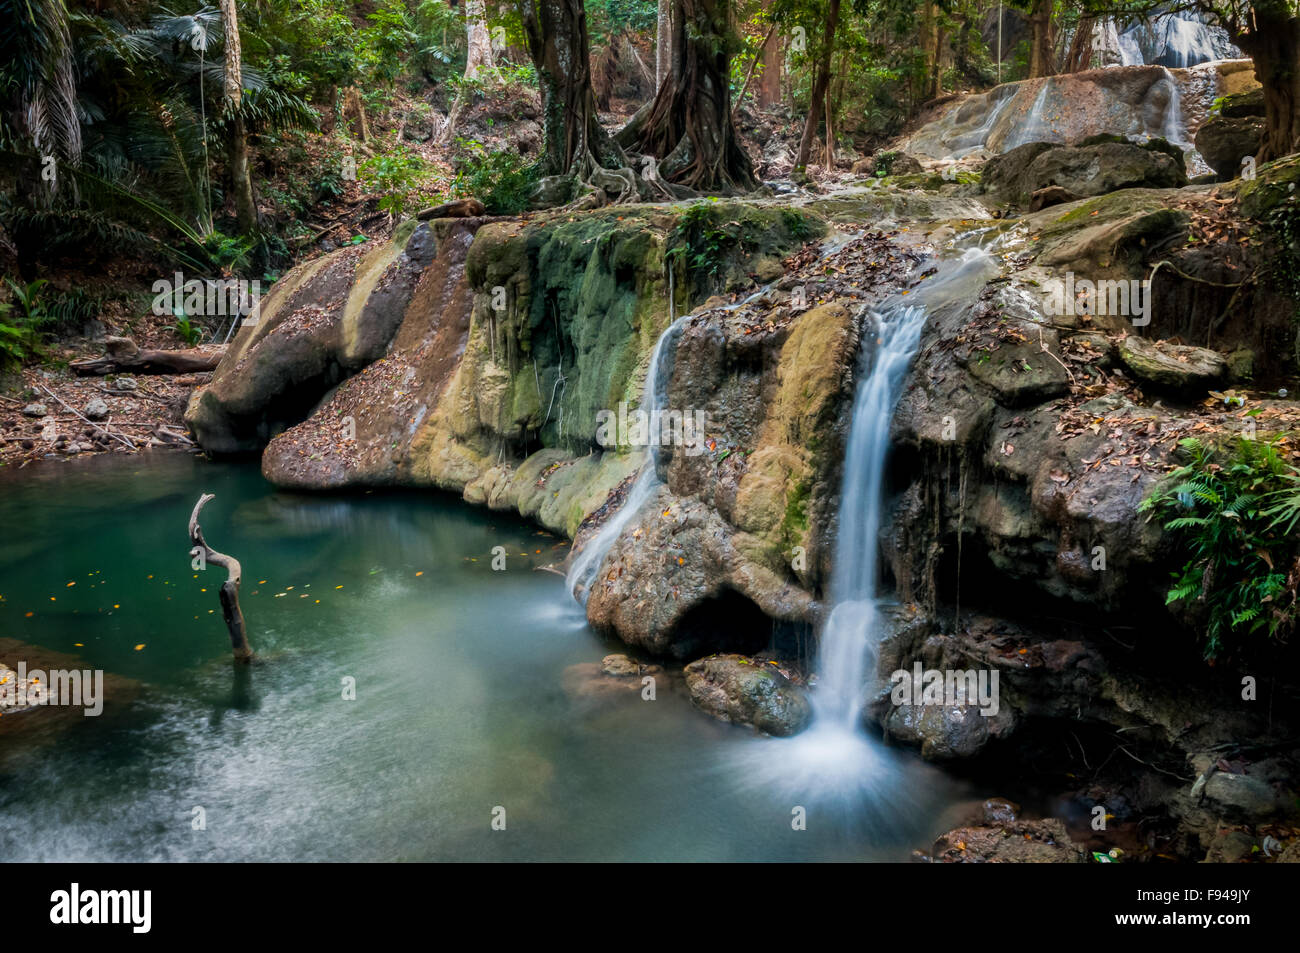 Los manantiales de agua en el bosque tropical. Imagen De Stock